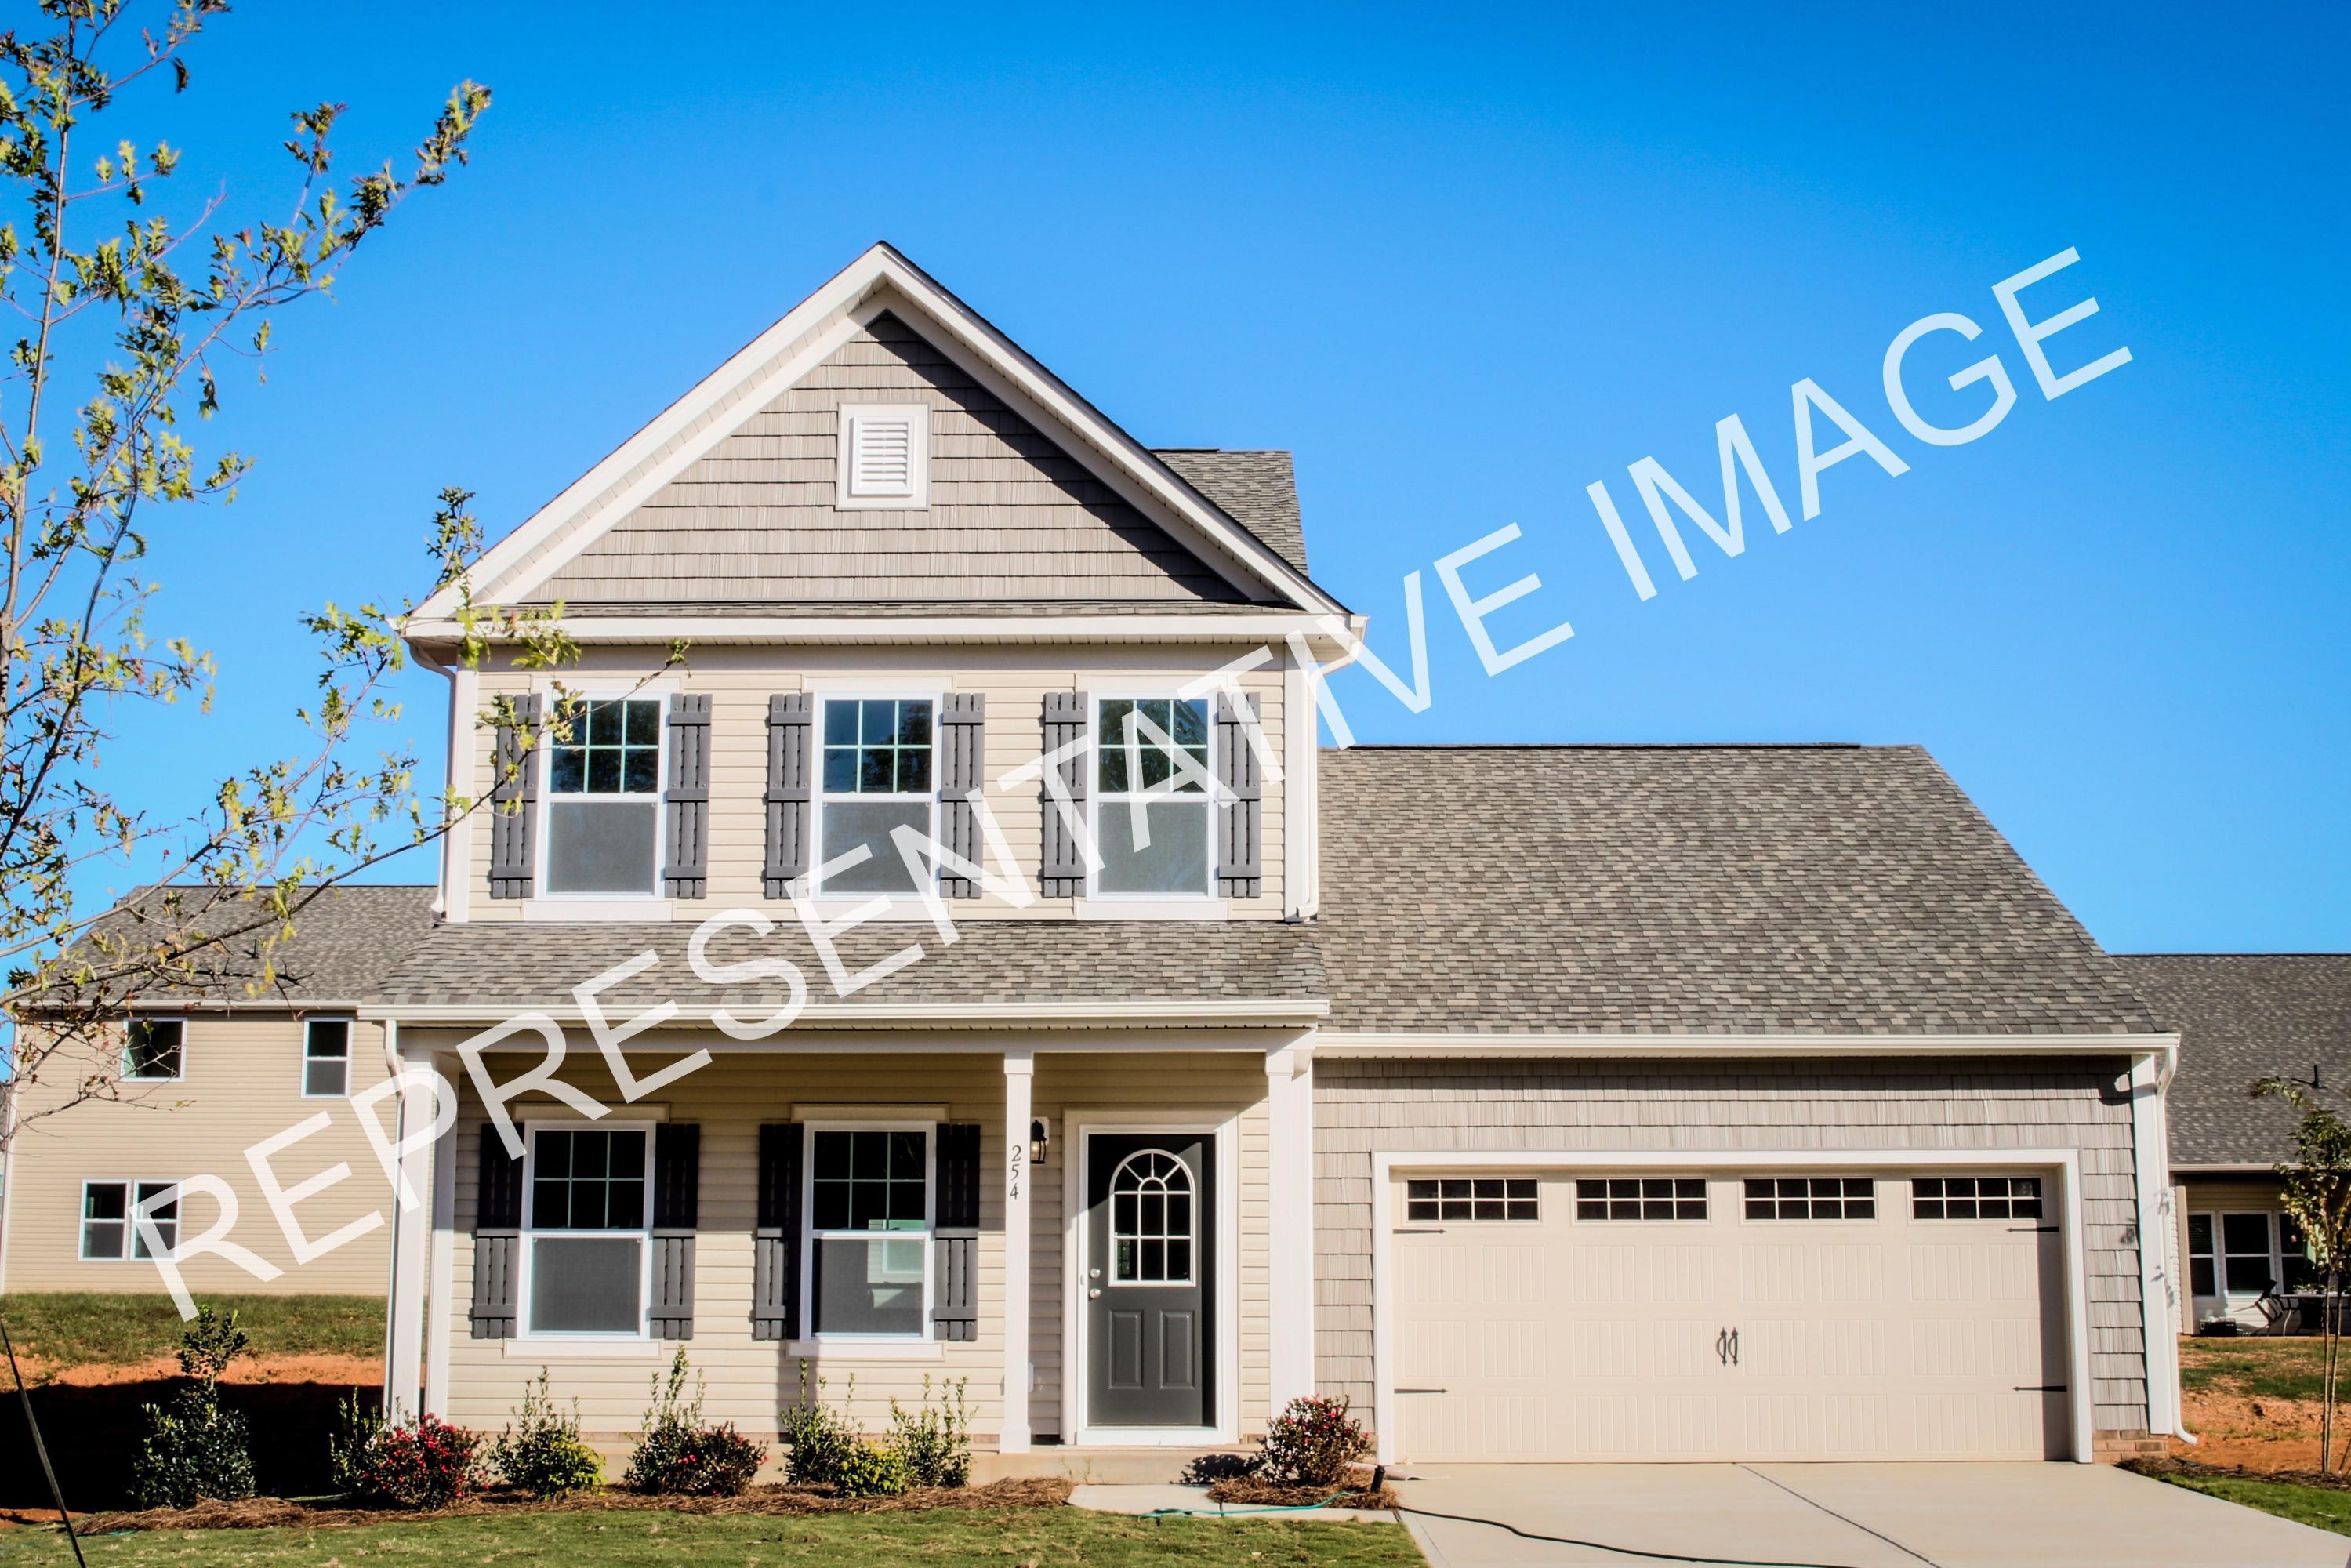 338 Dunlin Drive Summerville, SC 29486